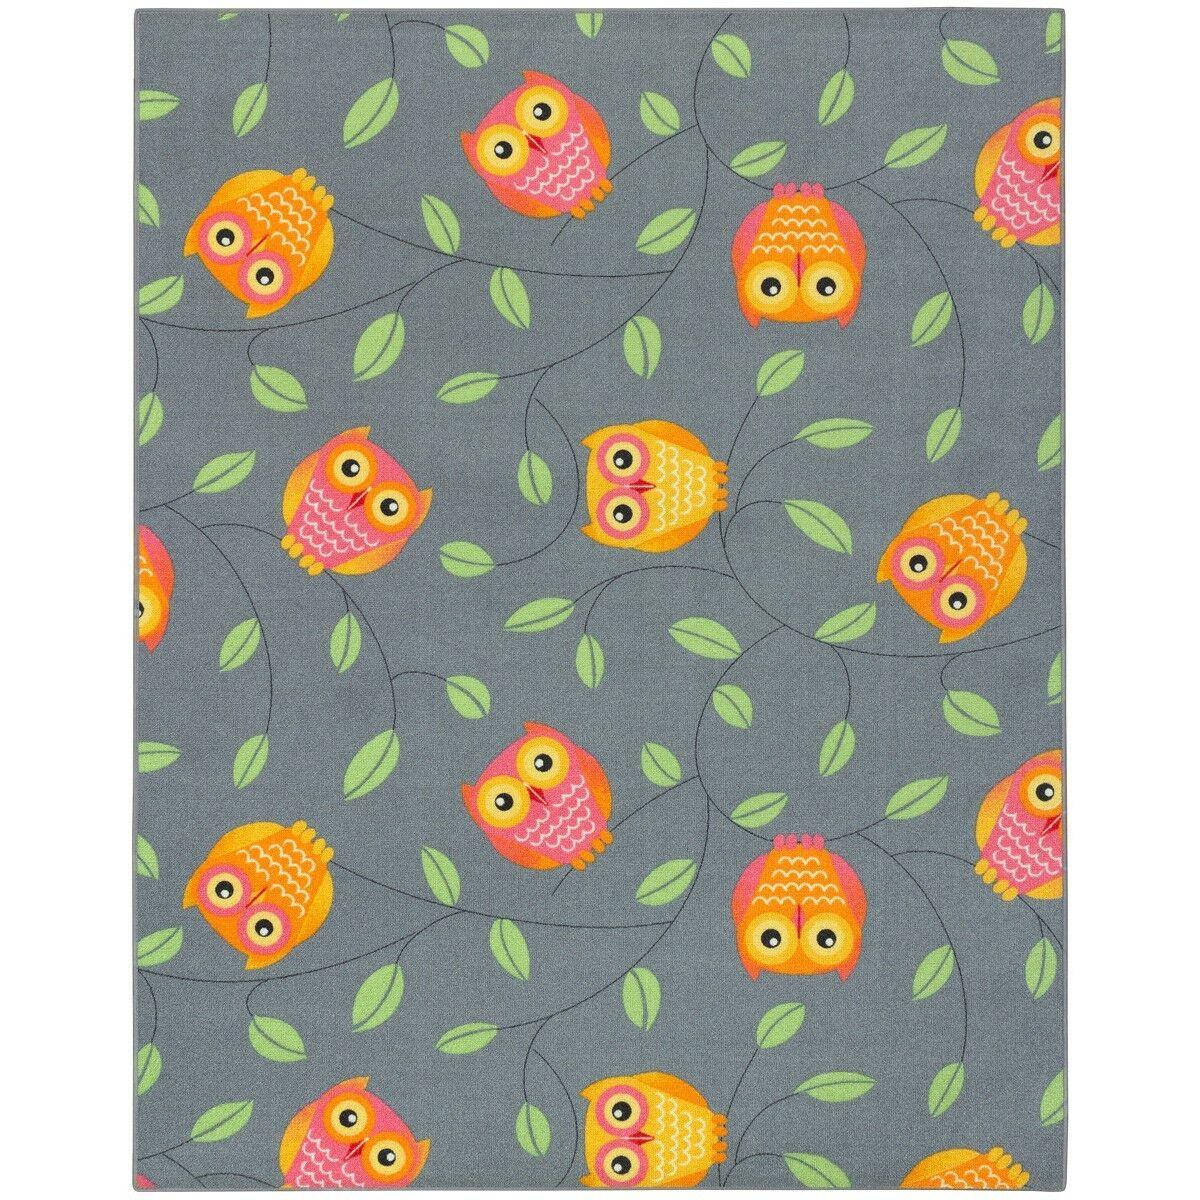 Eulen Kinderteppich Kauz Teppich Teppich Teppich HAPPY OWLS Spielteppich nicht nur für Kinder (1 | Elegantes und robustes Menü  f8490c